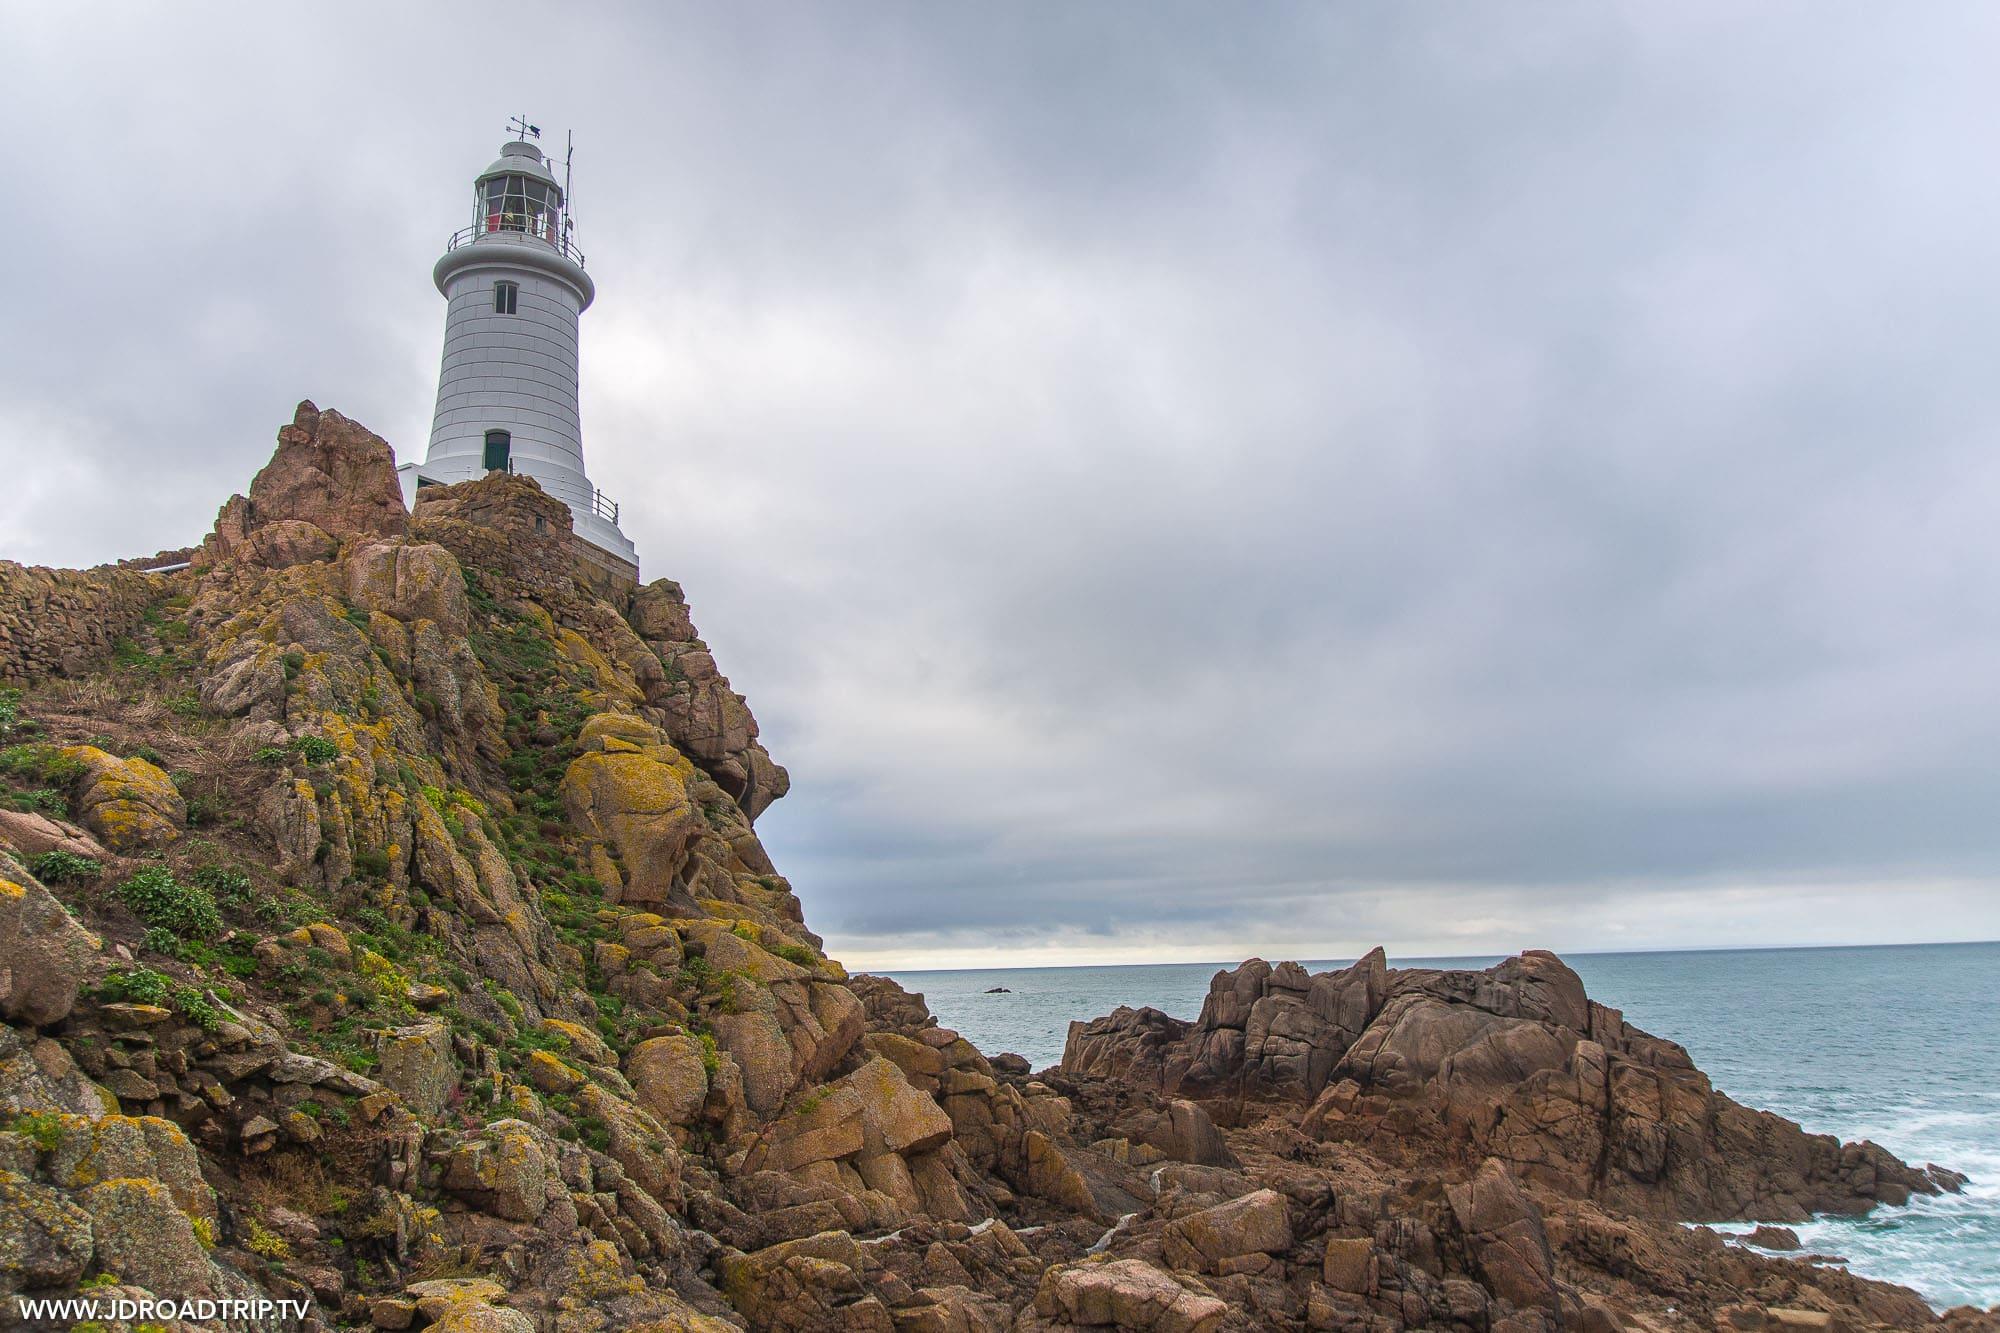 Visiter Jersey en 3 jours - Phare La Corbière